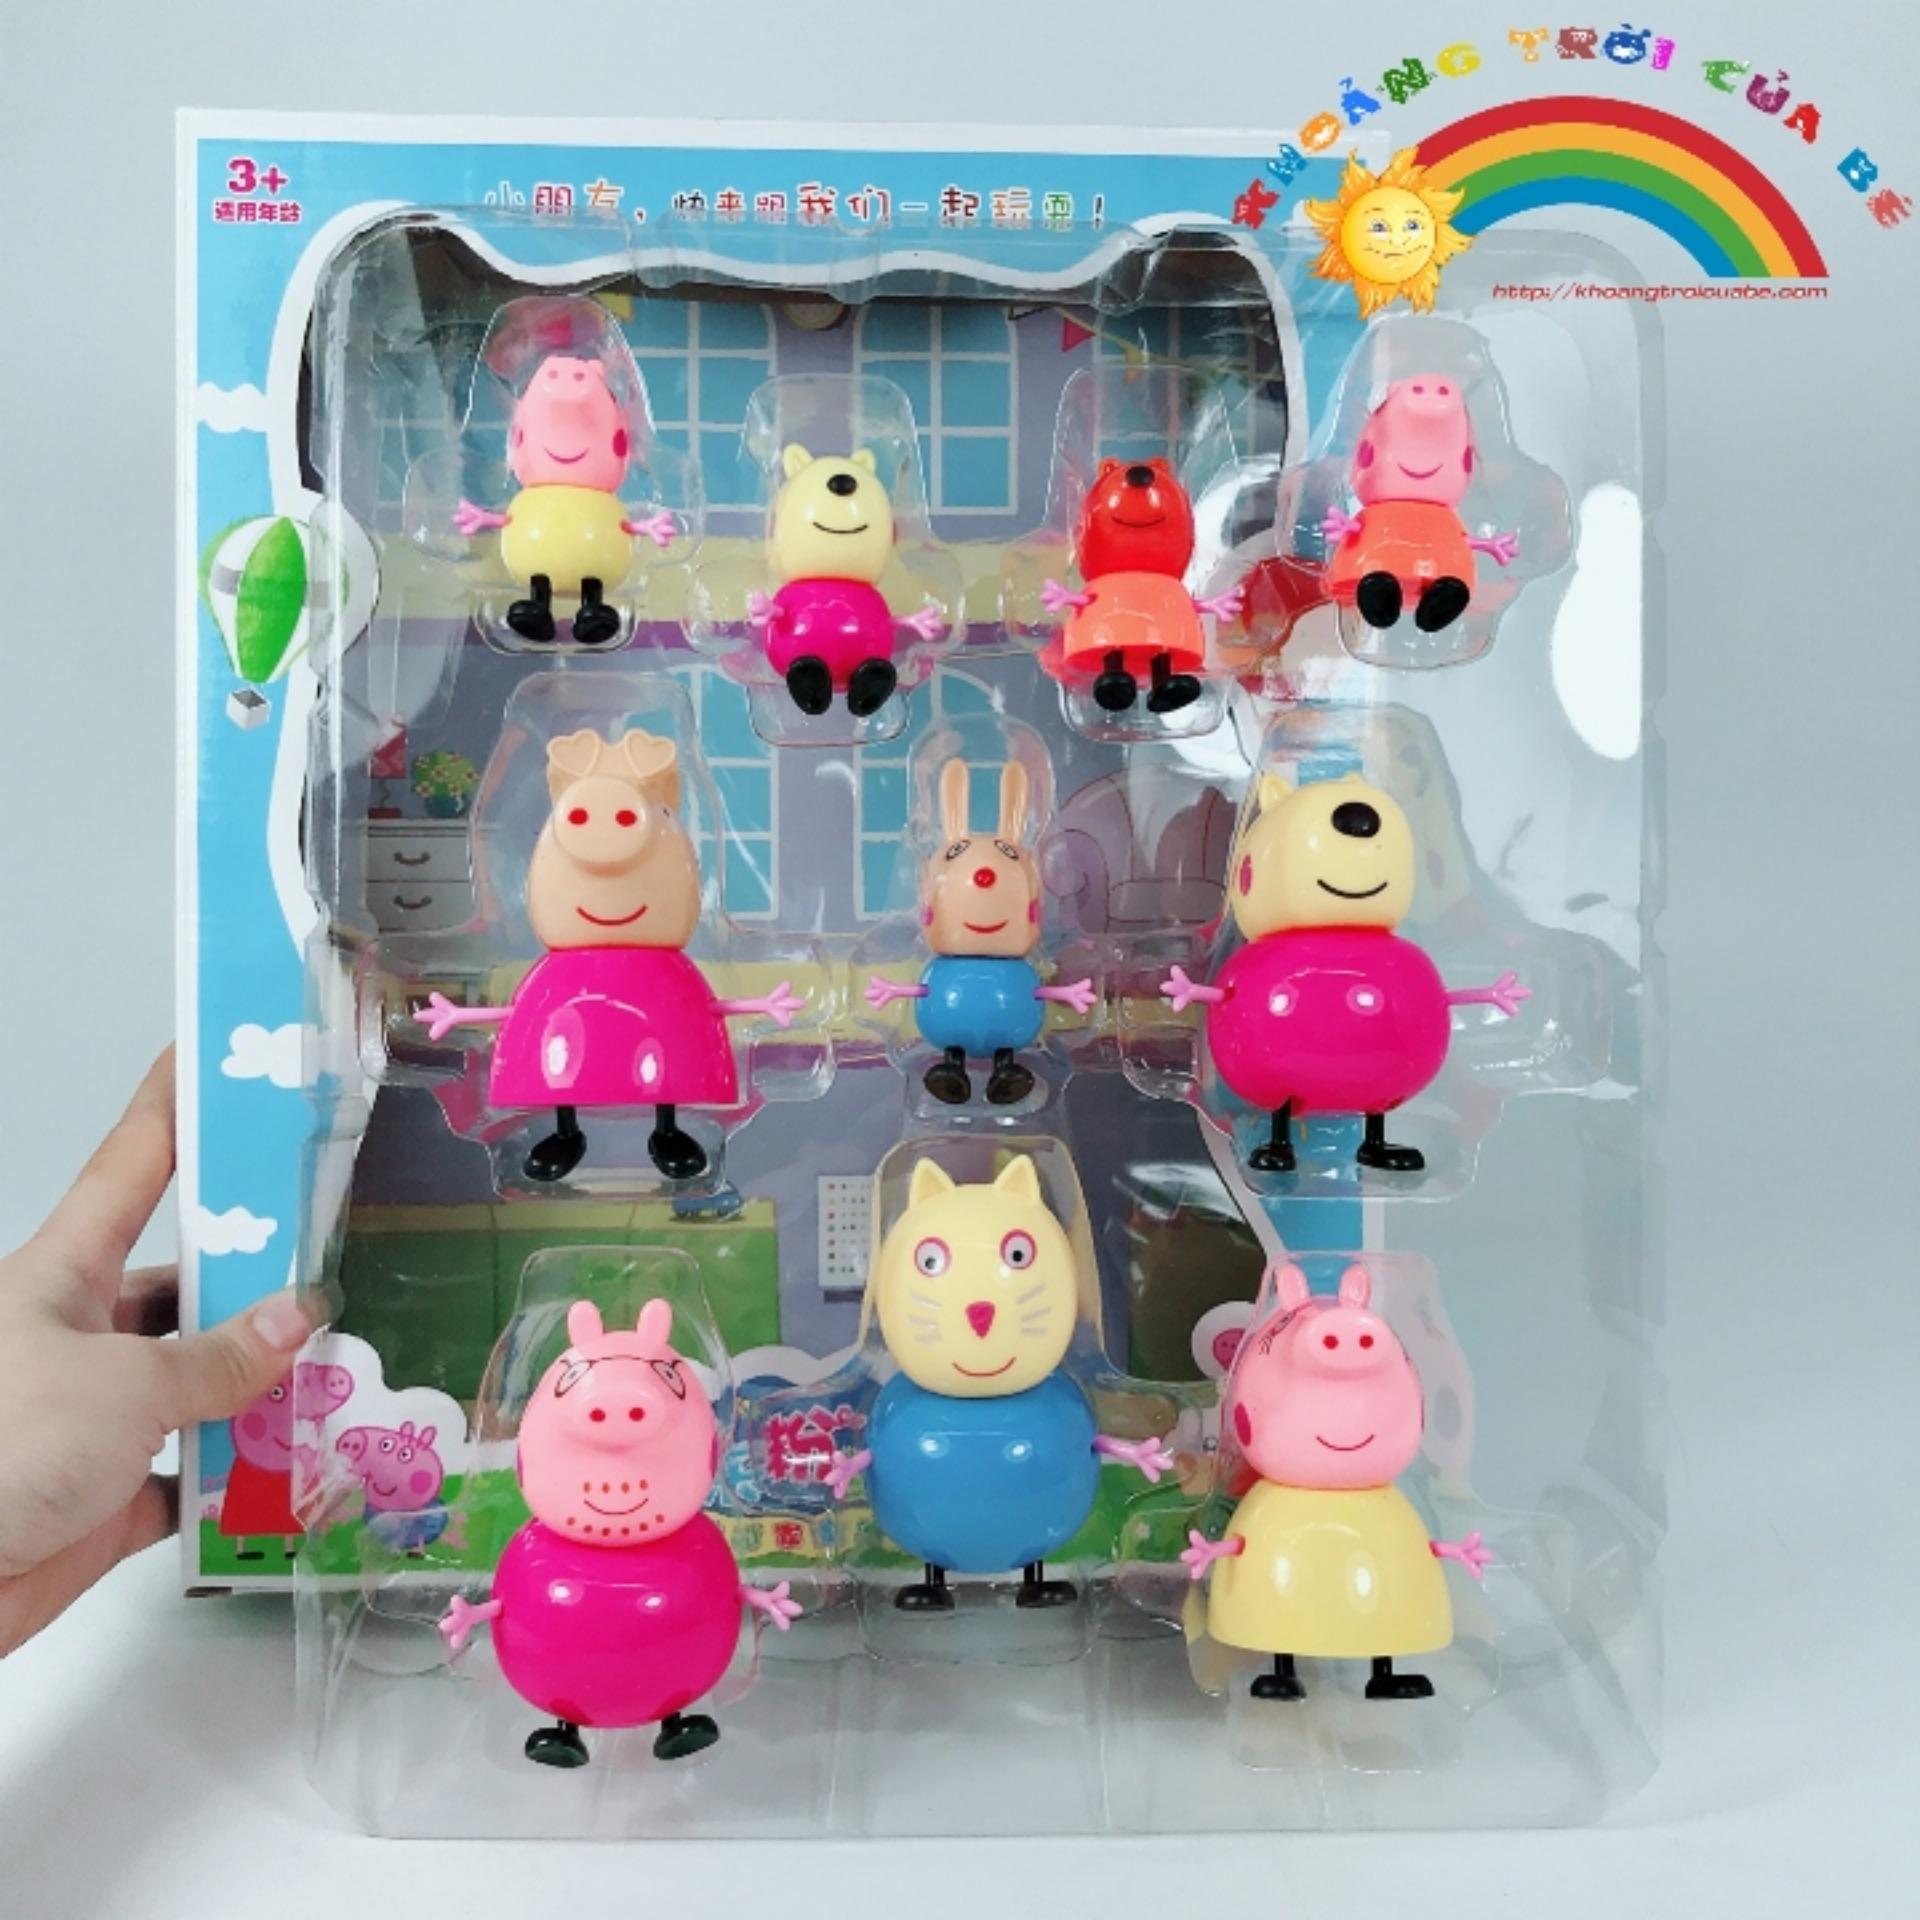 Hình ảnh Peppa Pig 10 nhân vật - PeppaPig gia đình KD866